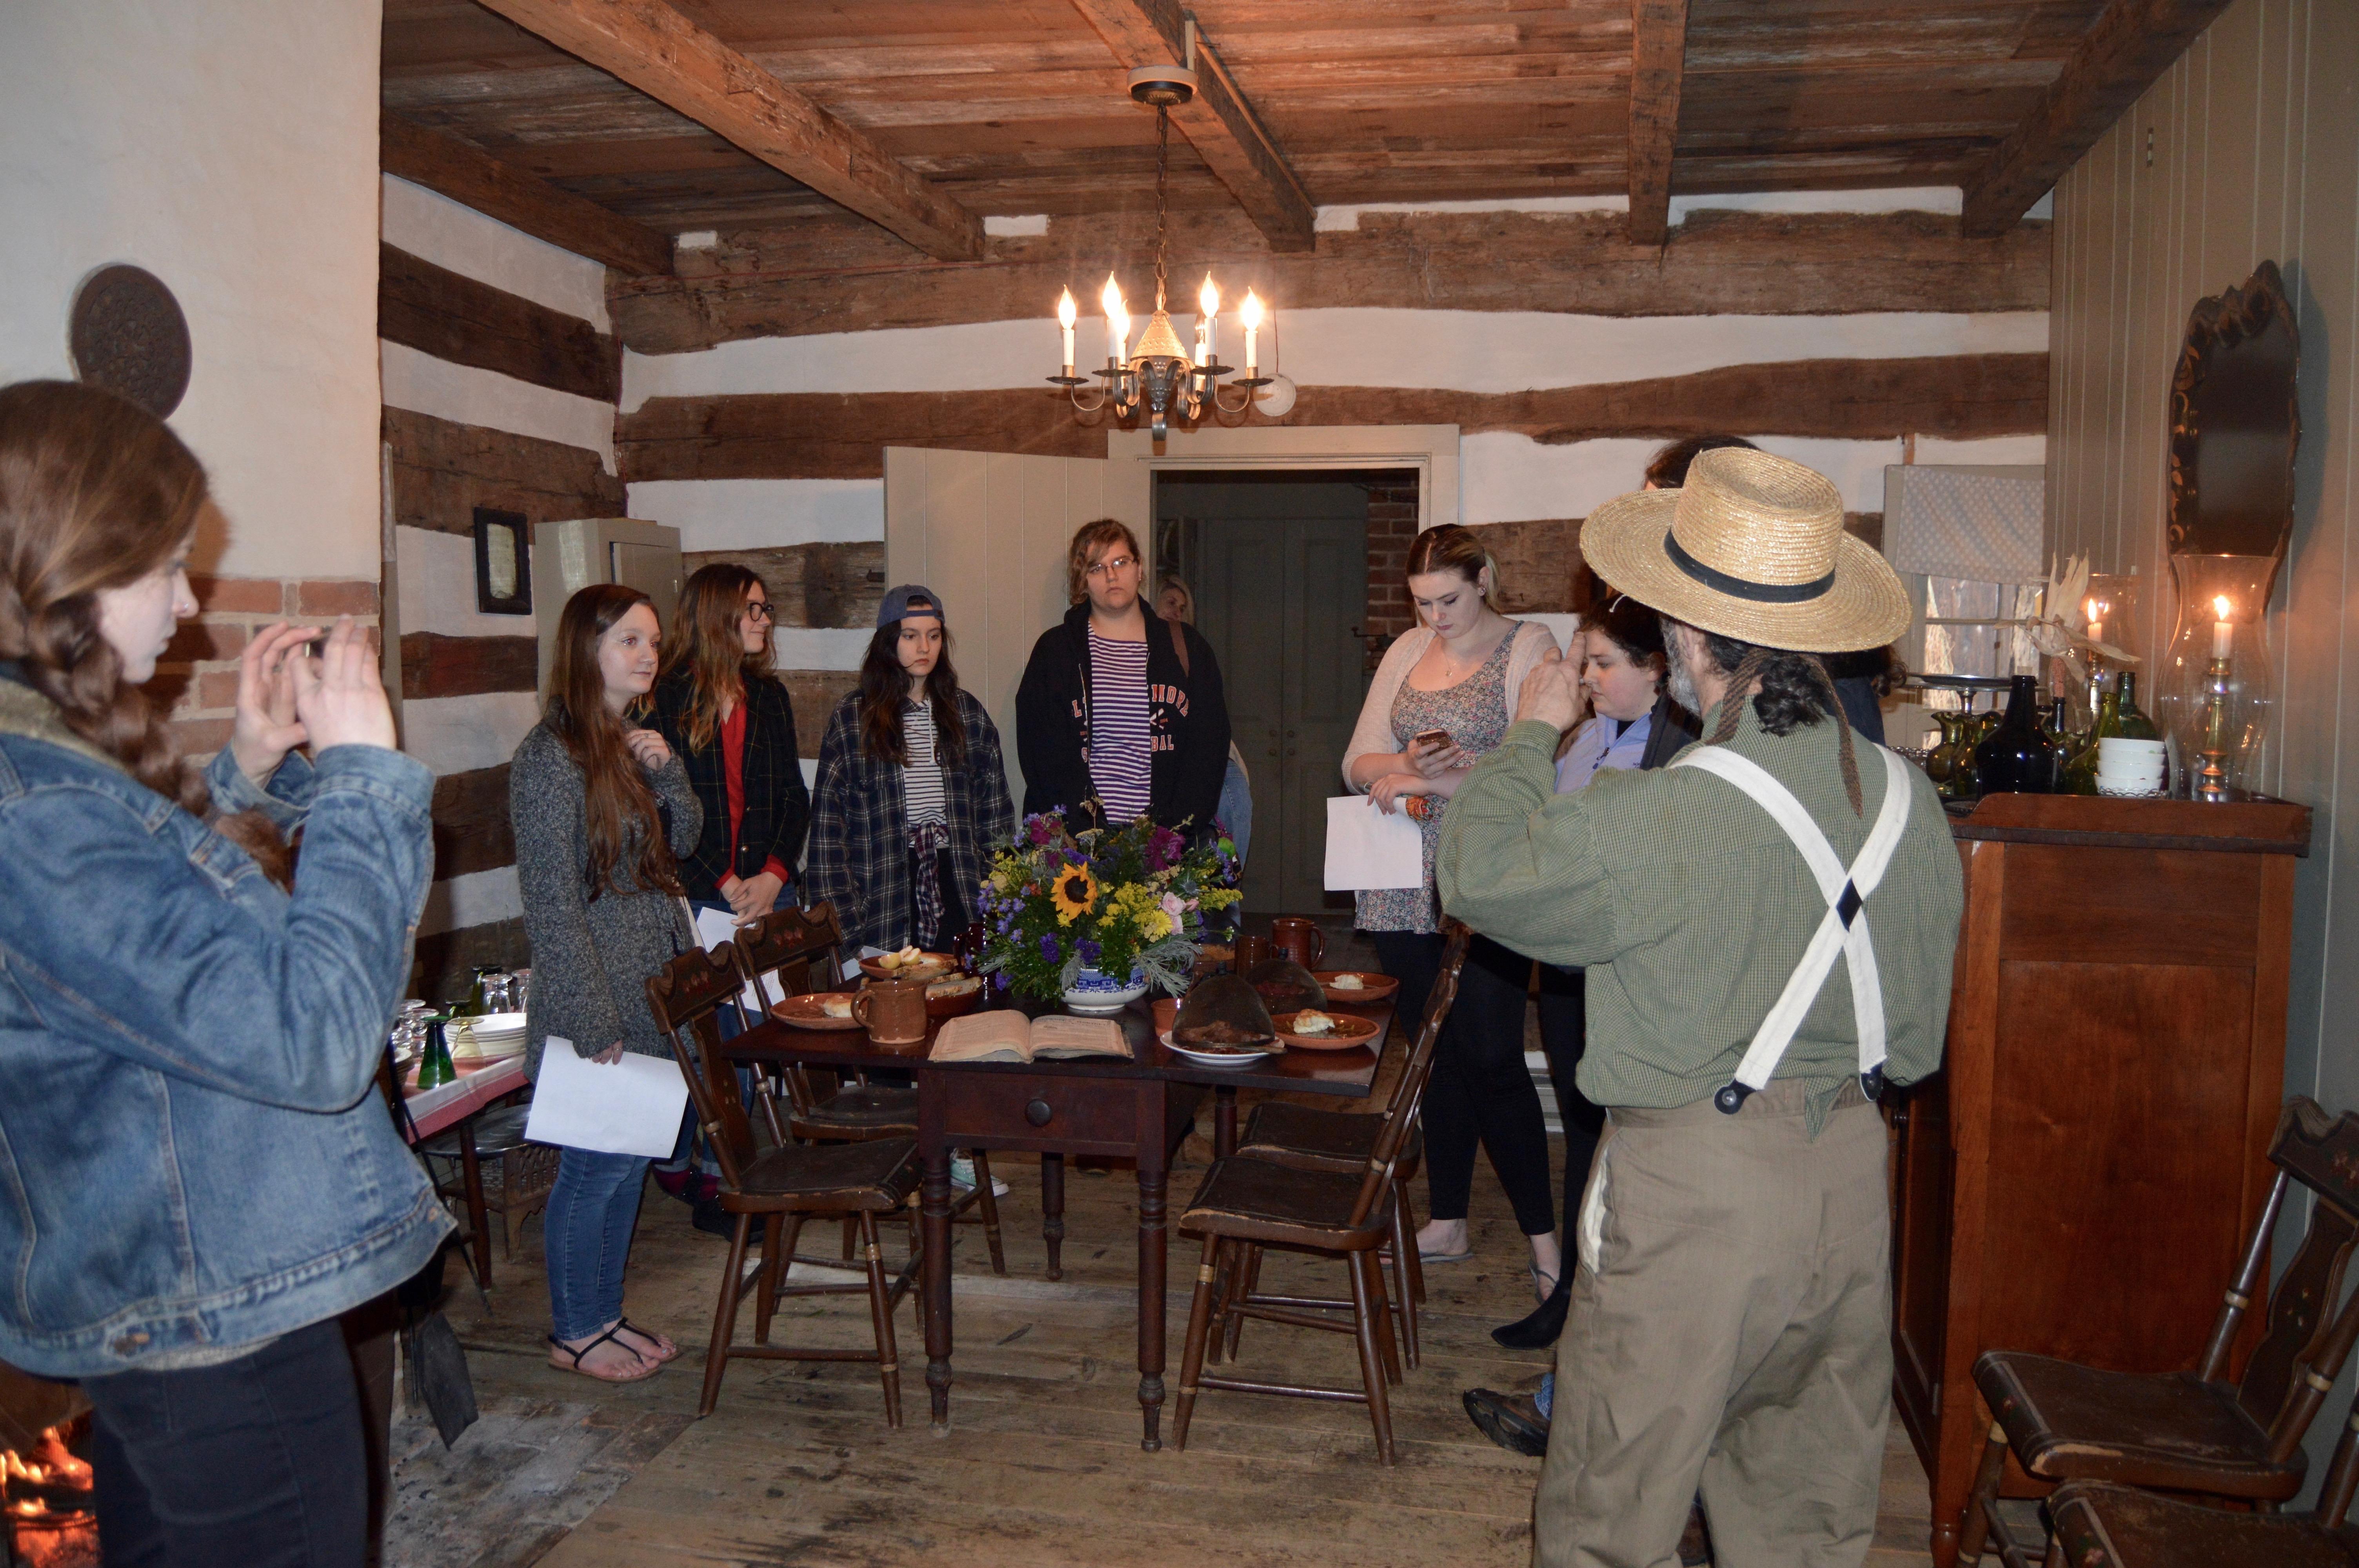 Barbara Ingram Students Visit Bowman House